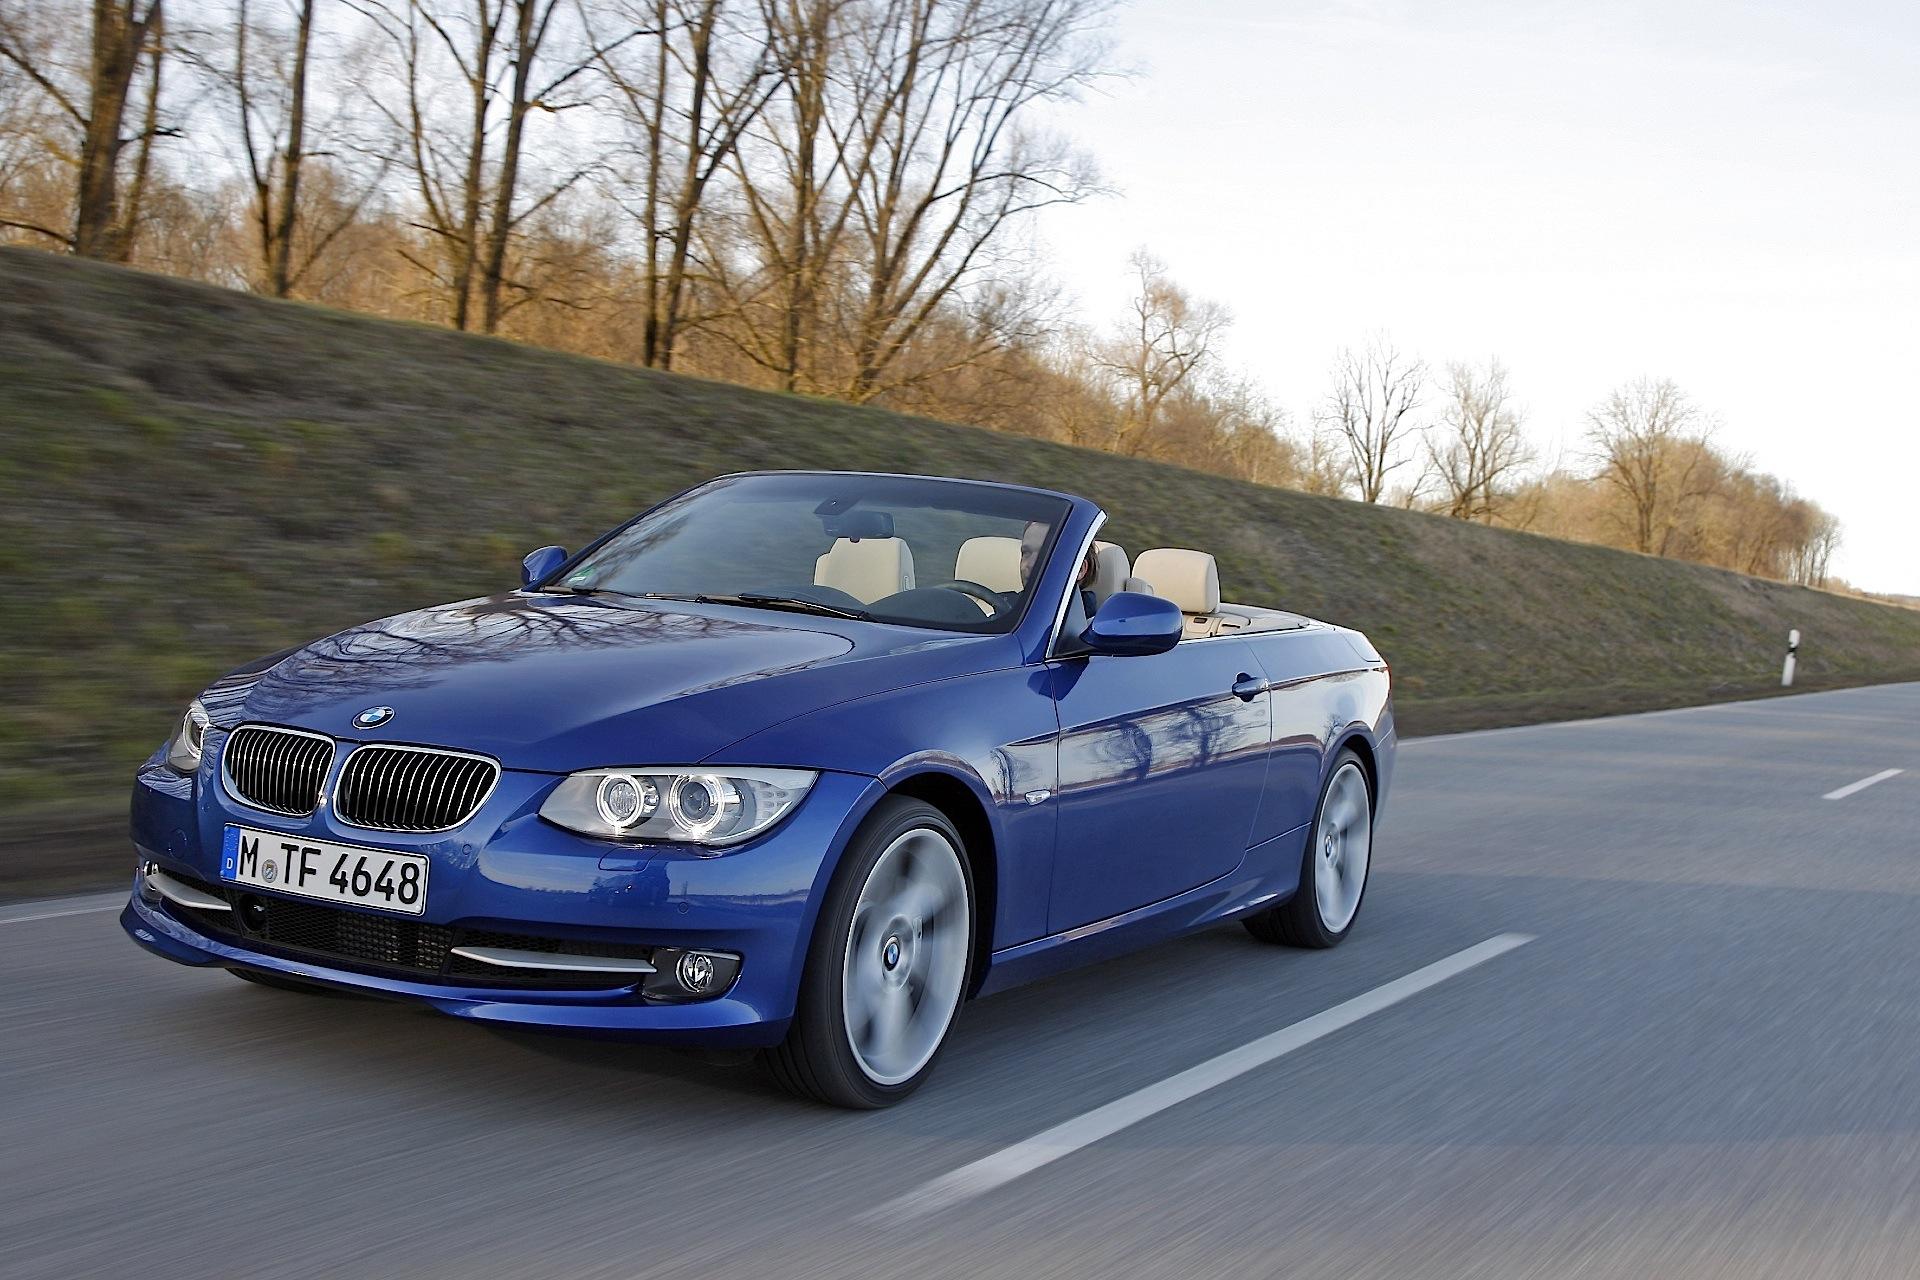 BMW R RT REPAIR MANUAL Pdf Download